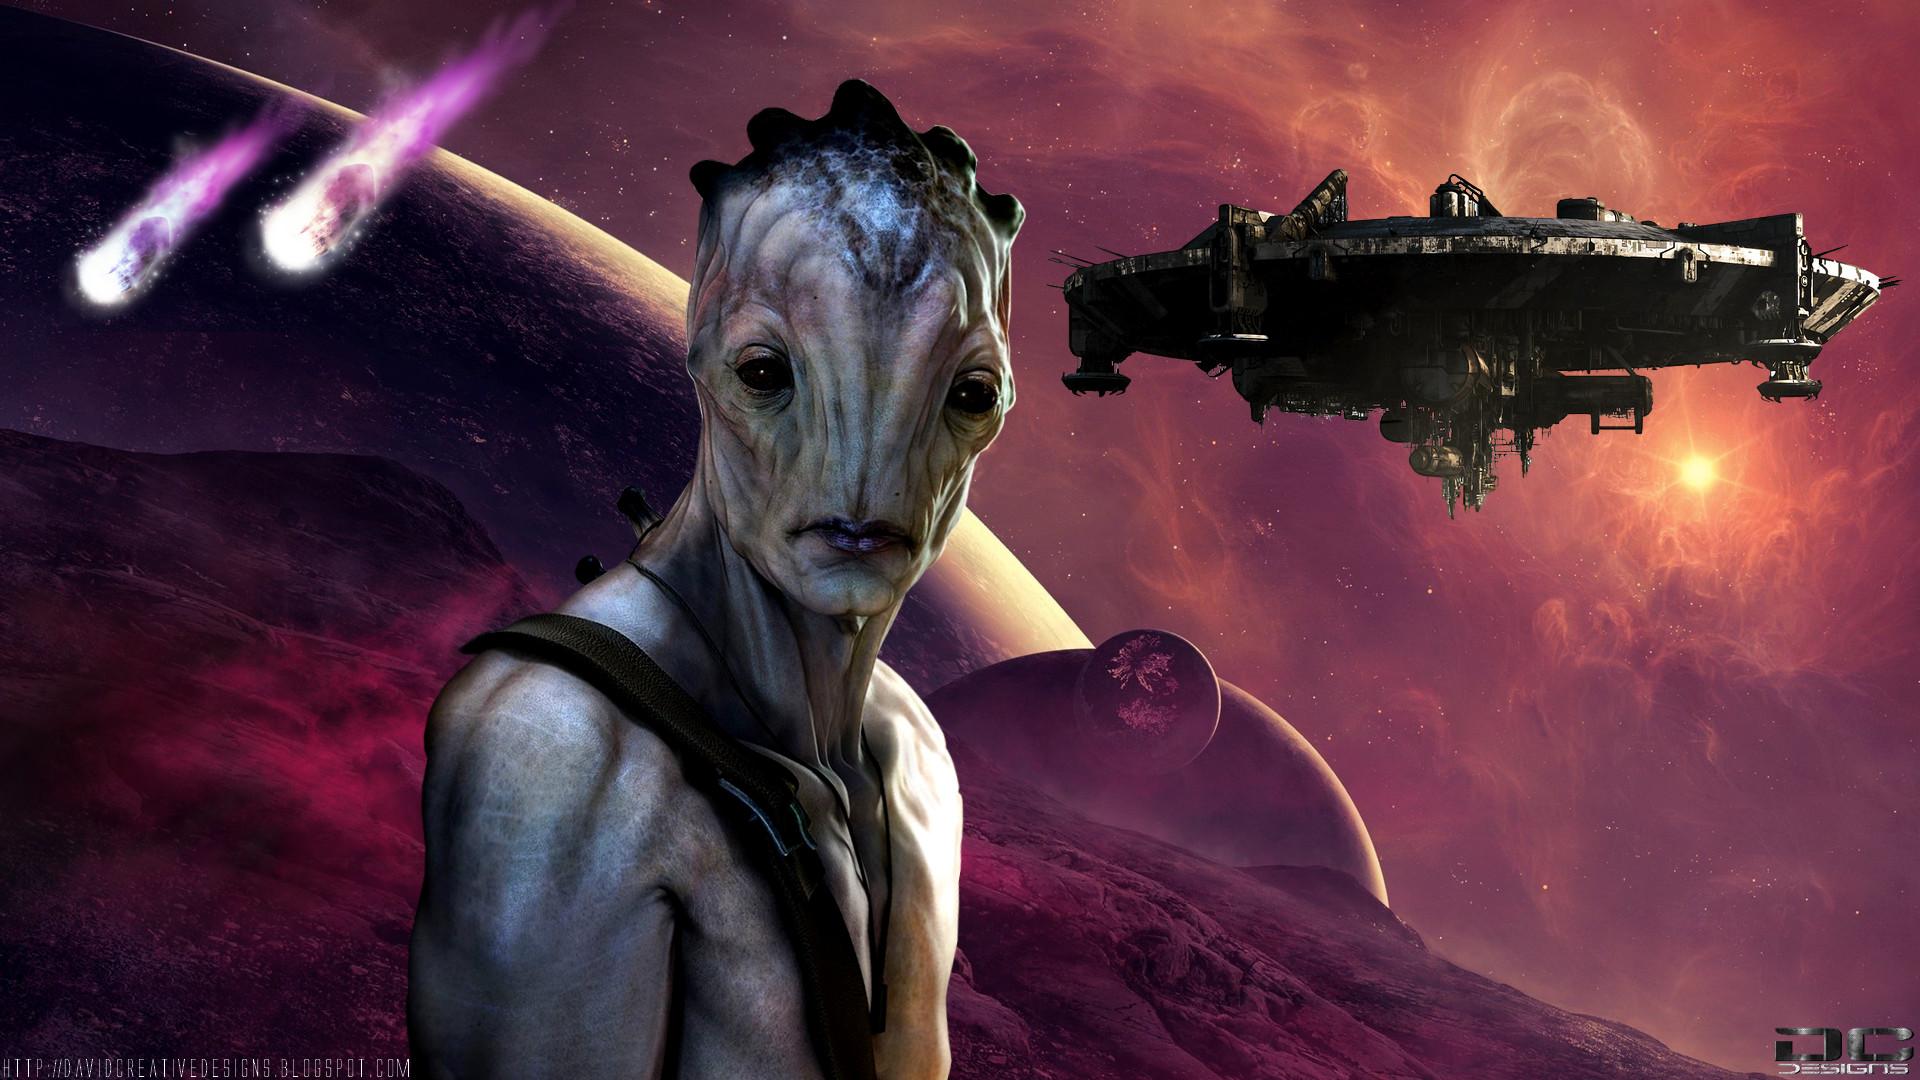 Res: 1920x1080, Space Alien Wallpaper